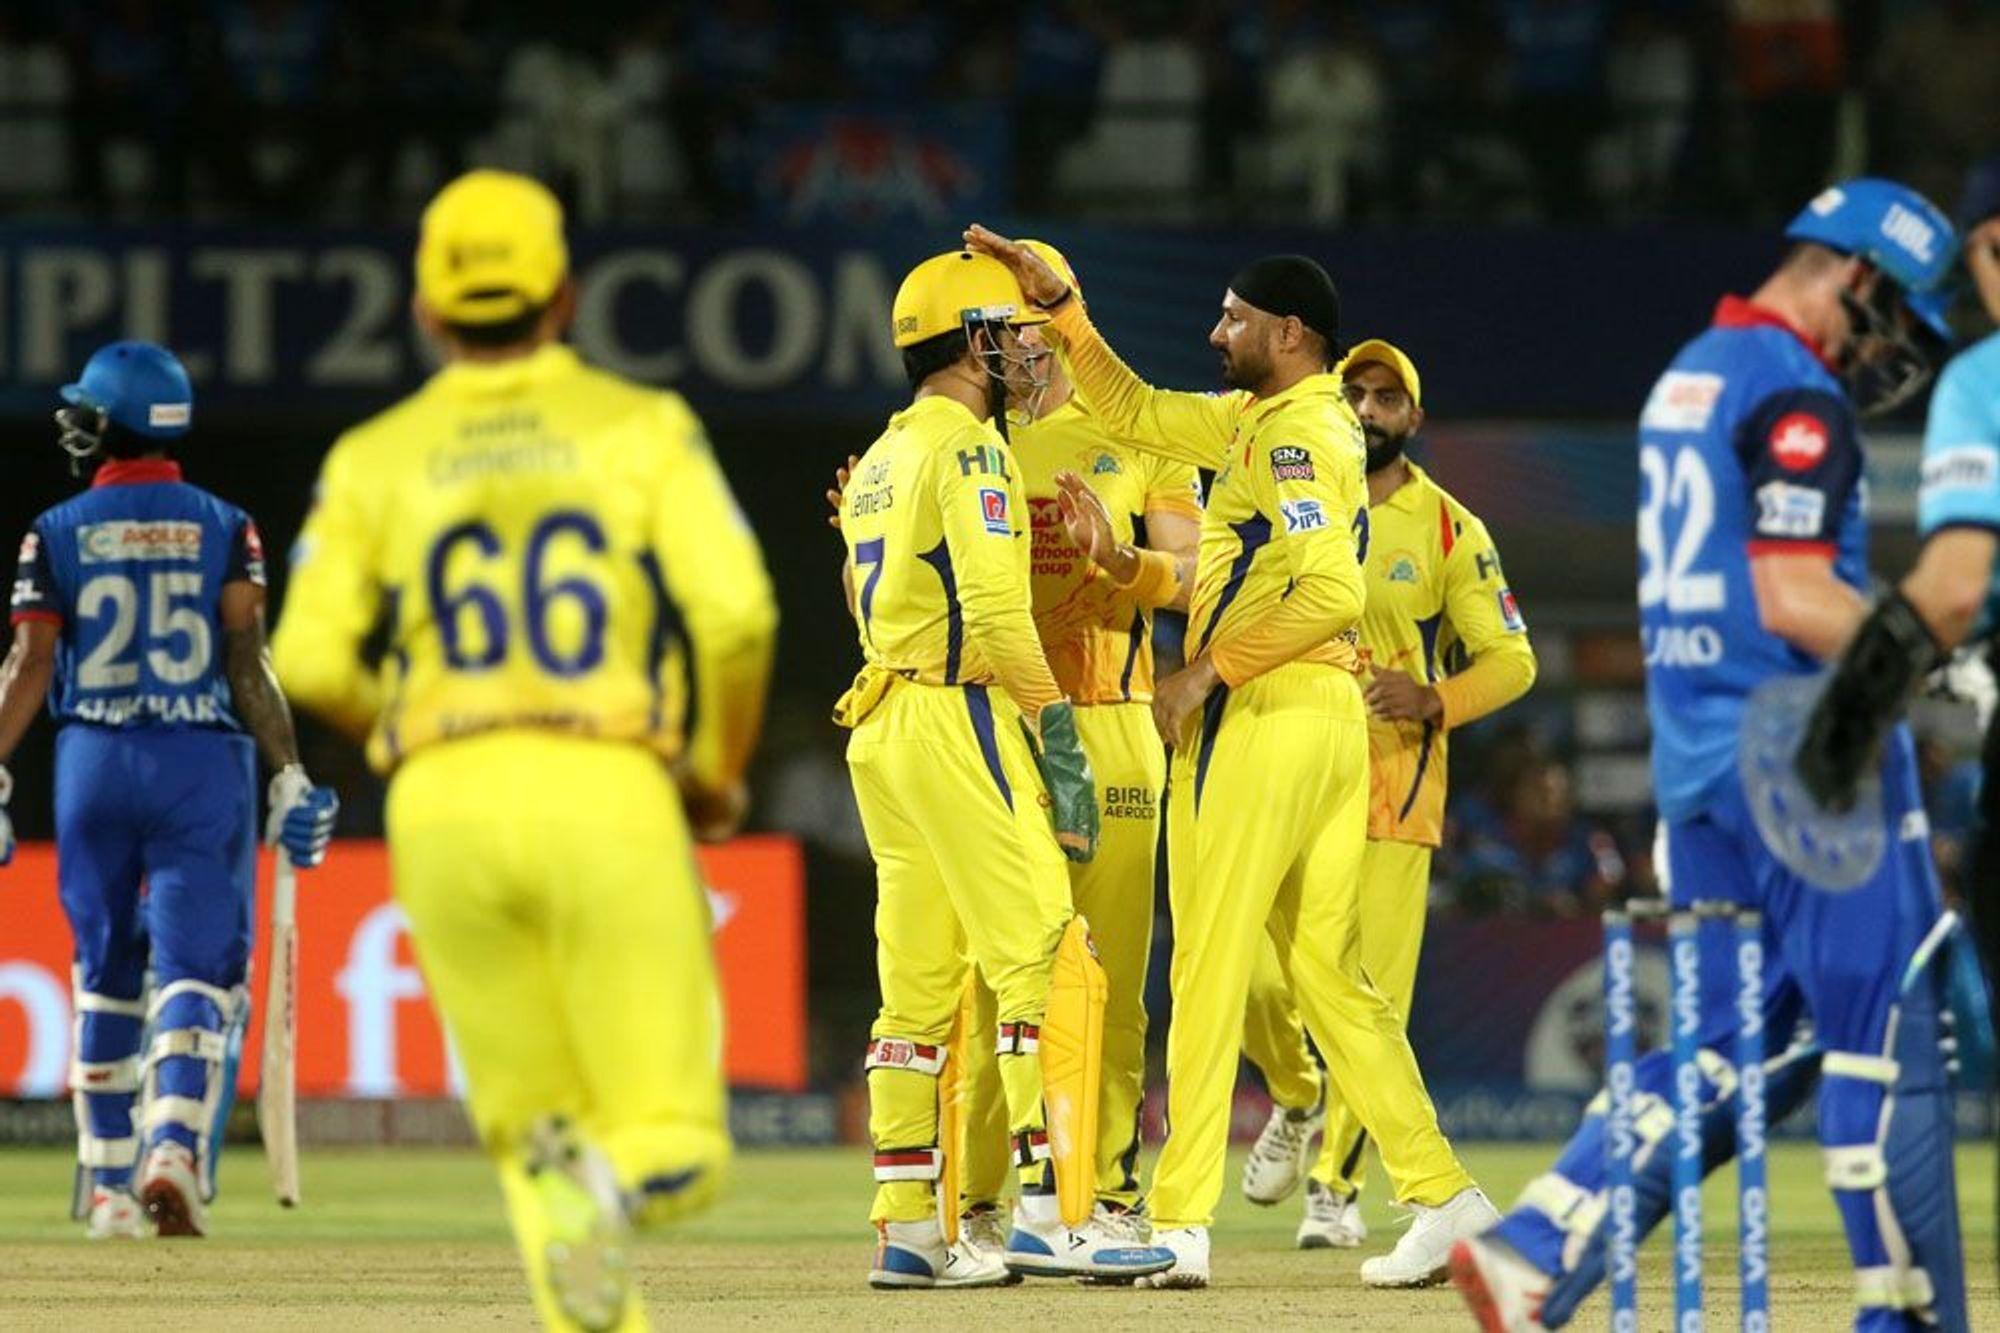 CSK vs DC : Qualifier 2 : चेन्नई सुपर किंग्स ने दिल्ली कैपिटल्स को 6 विकेट से हरा, फाइनल में बनाई अपनी जगह 1